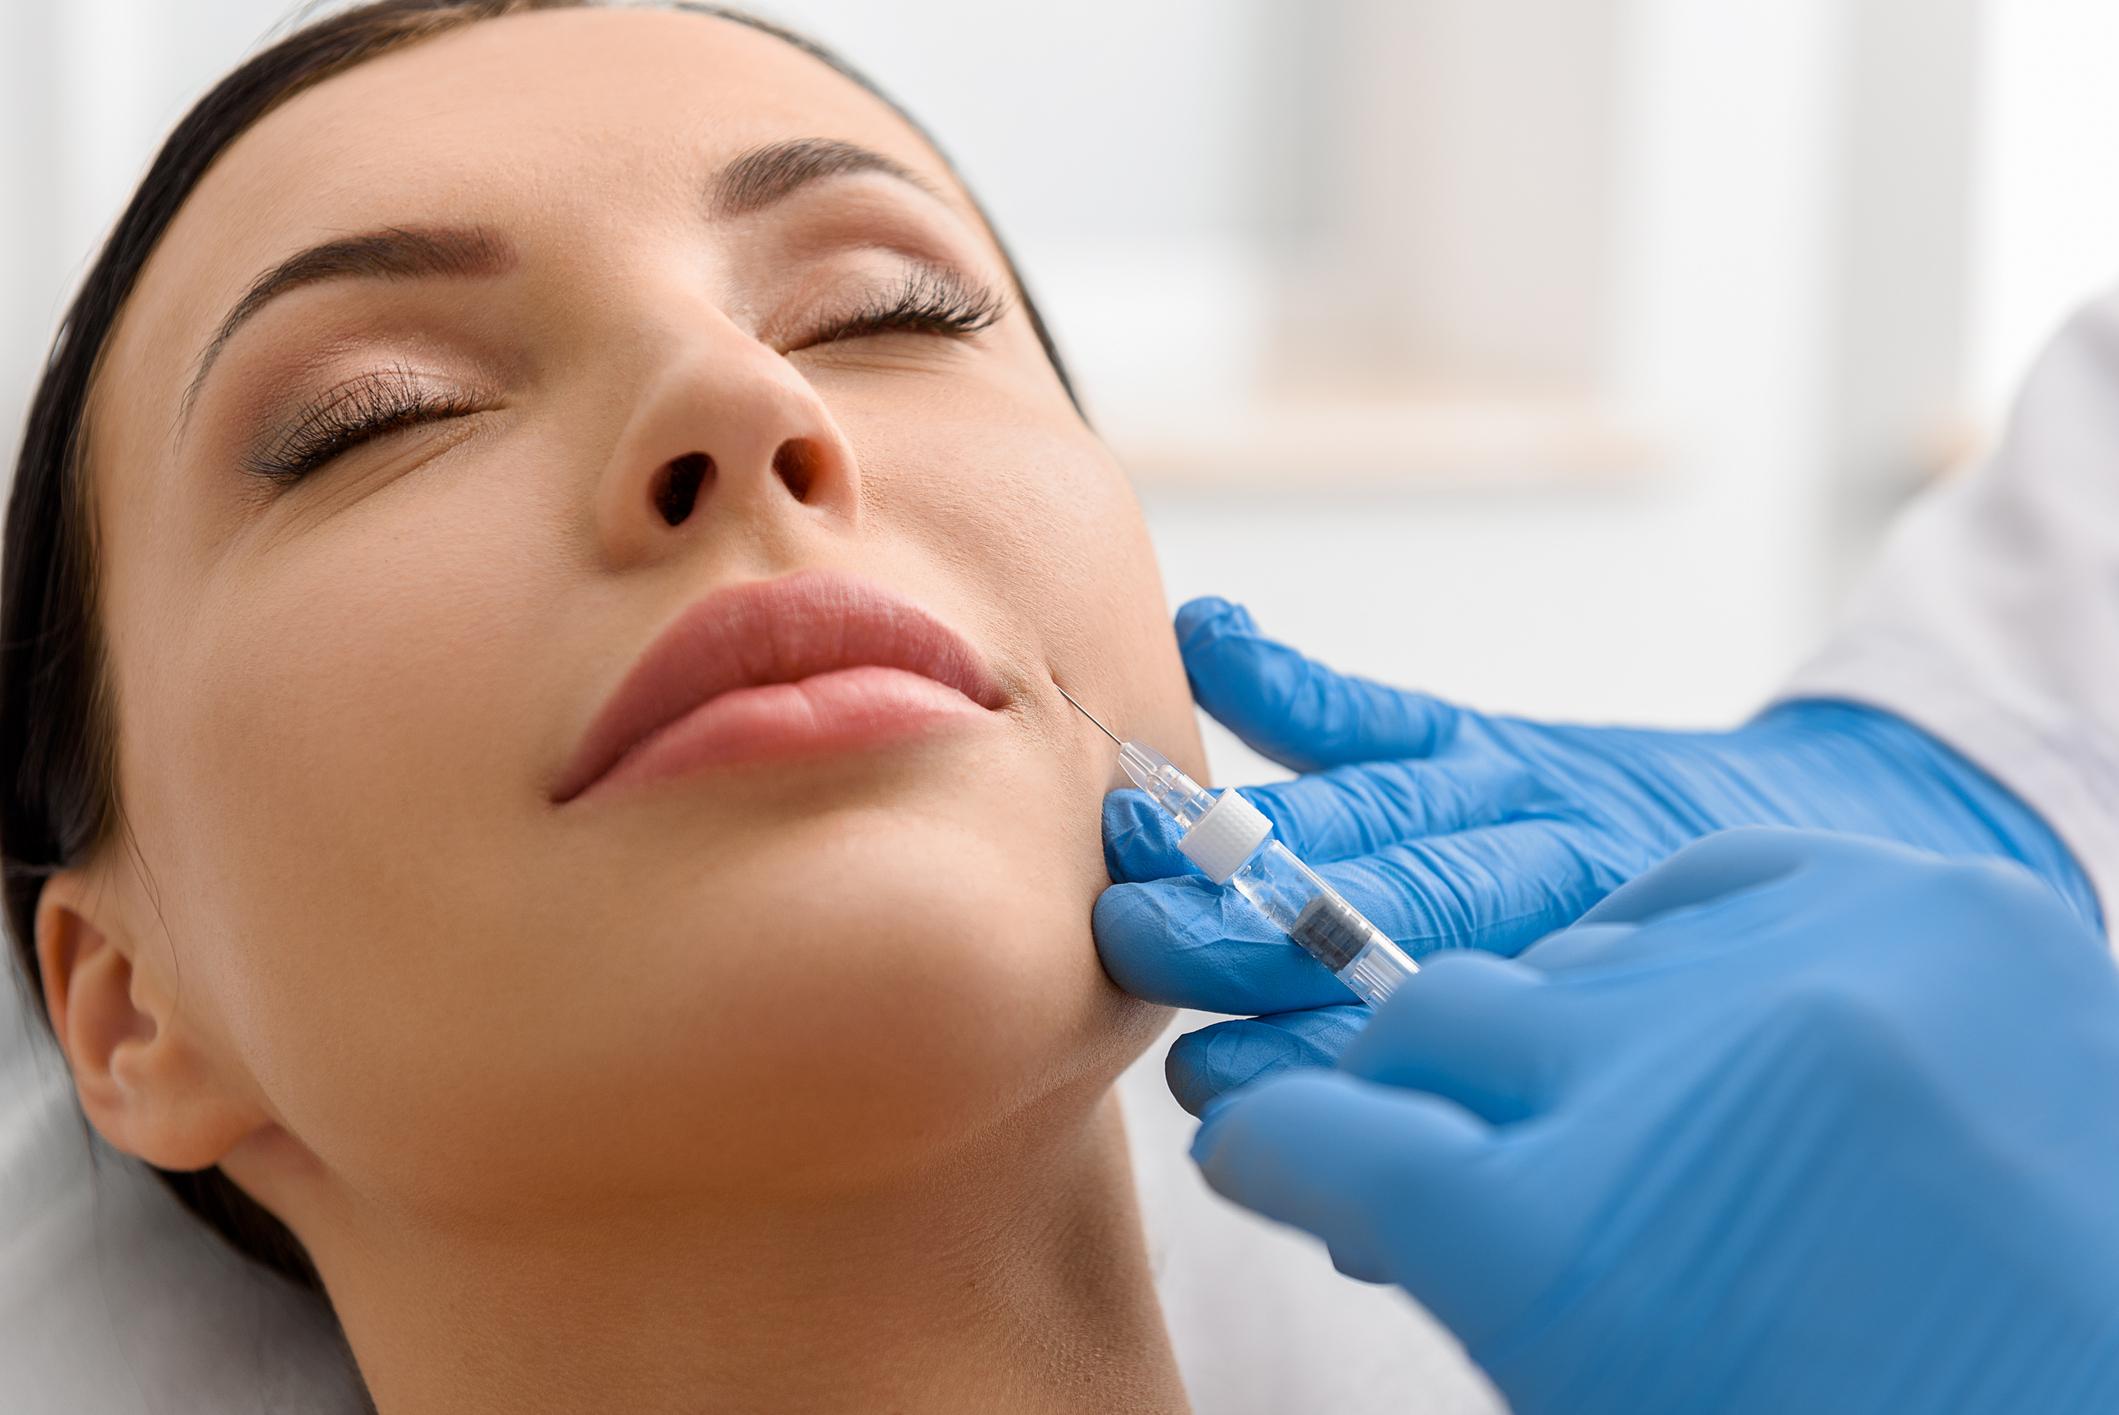 Ácido hialurônico - preenchimento bigode chinês